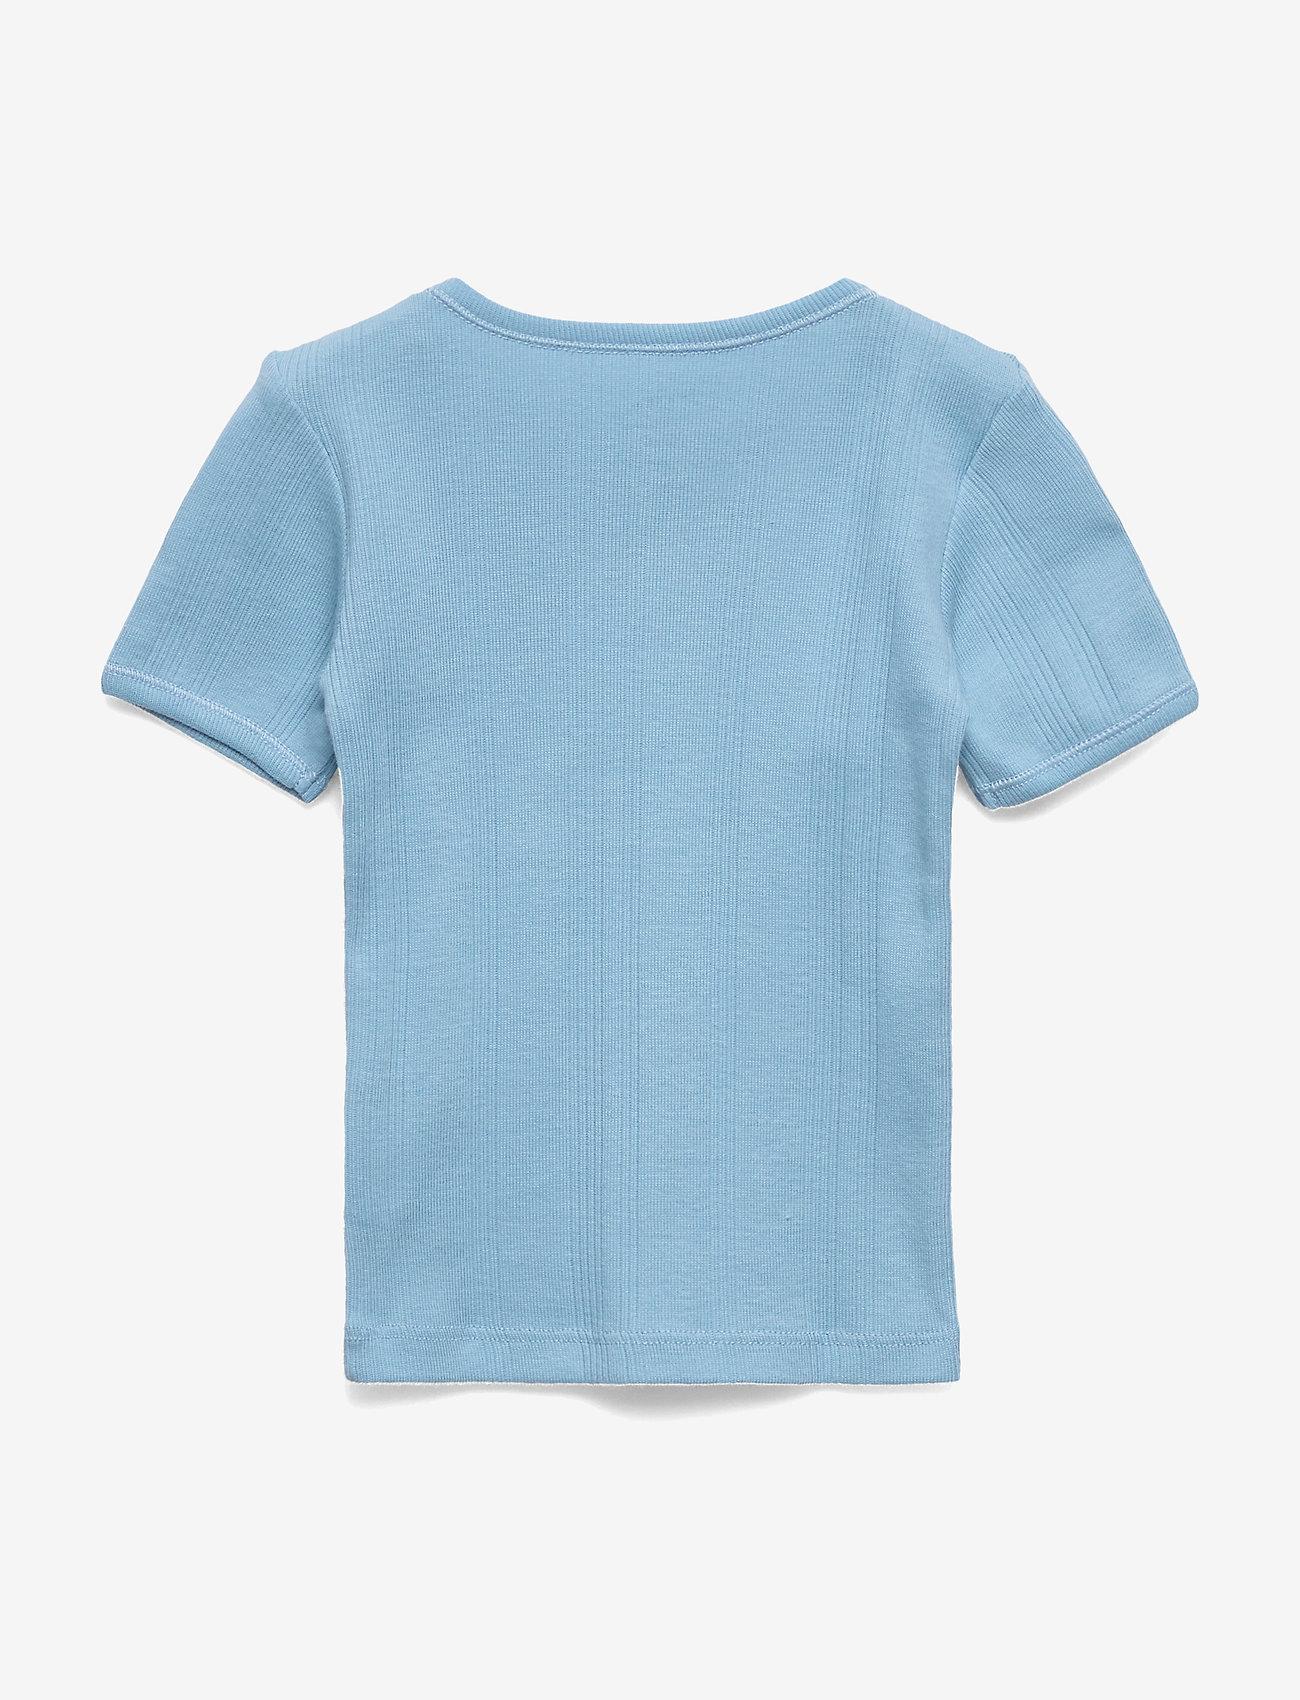 Noa Noa Miniature - T-shirt - short-sleeved - dusk blue - 1